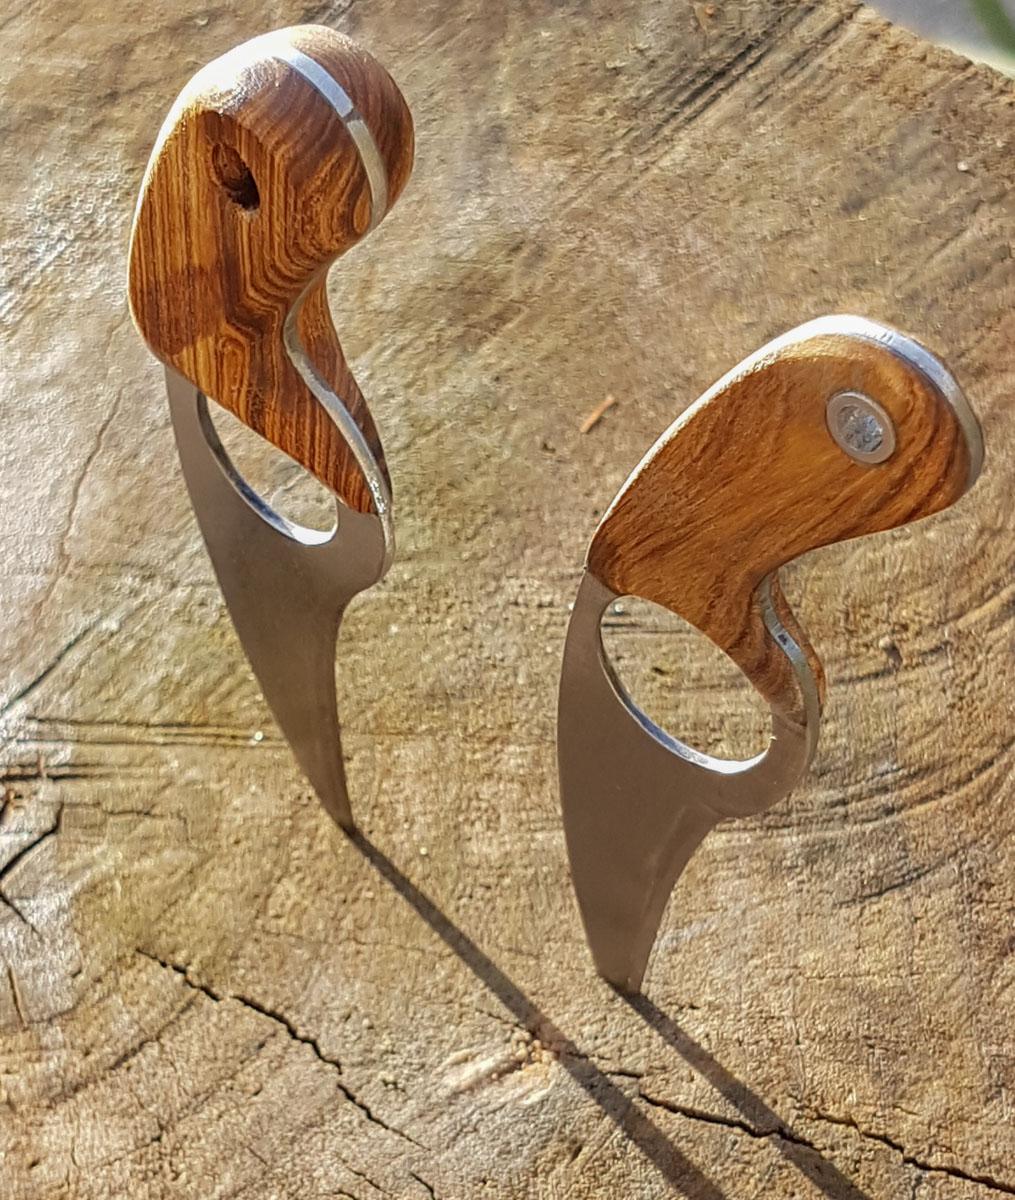 upcycled knife